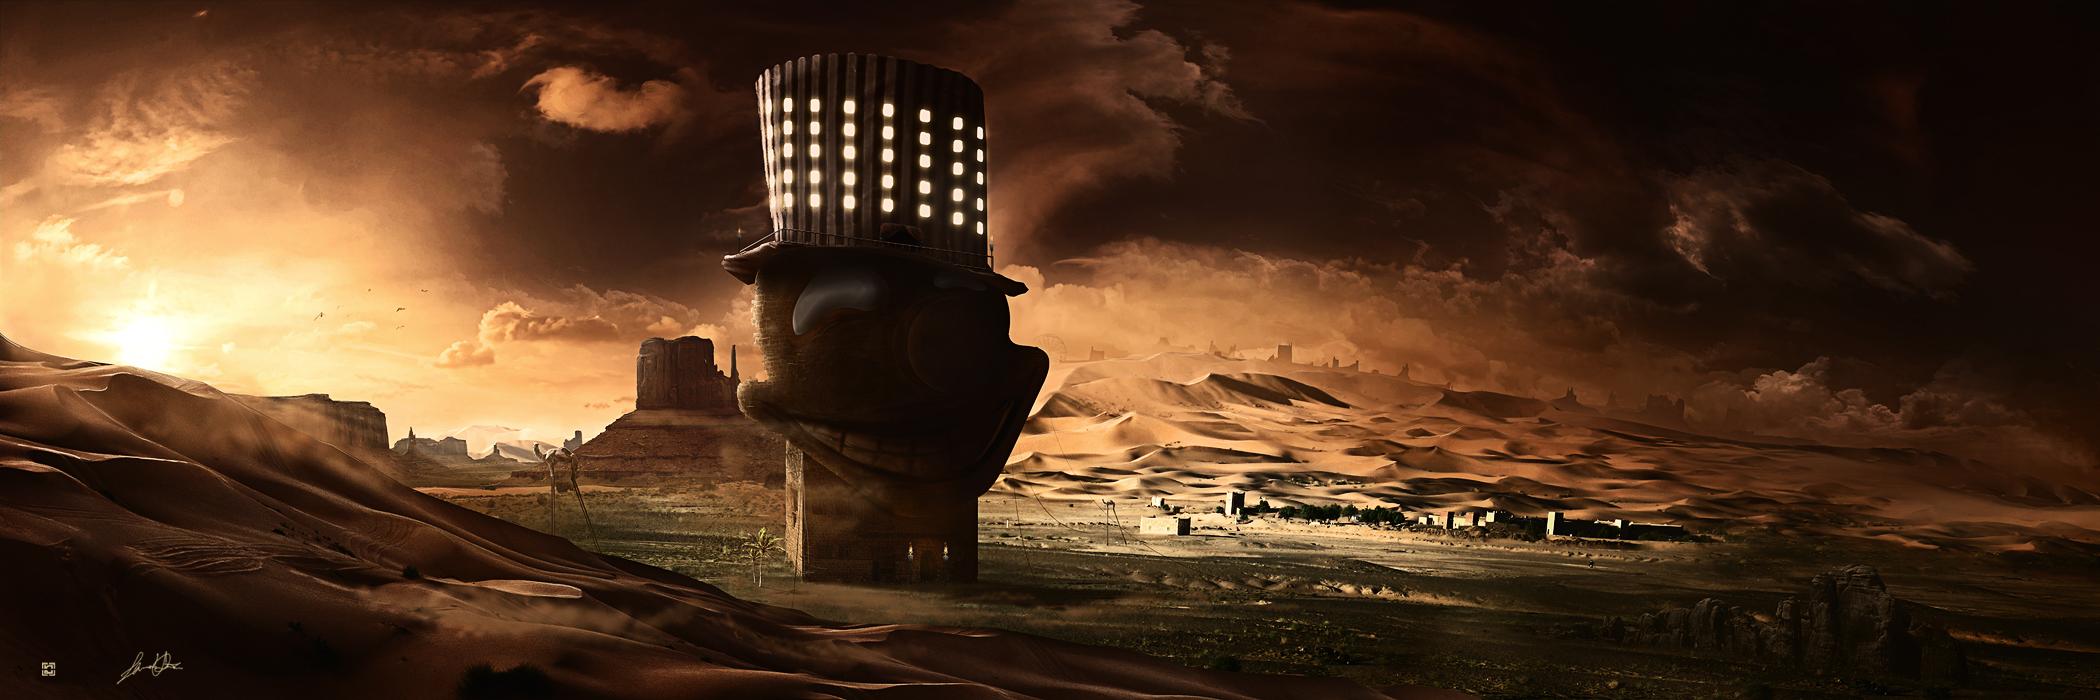 le cirque dans desert by leox912